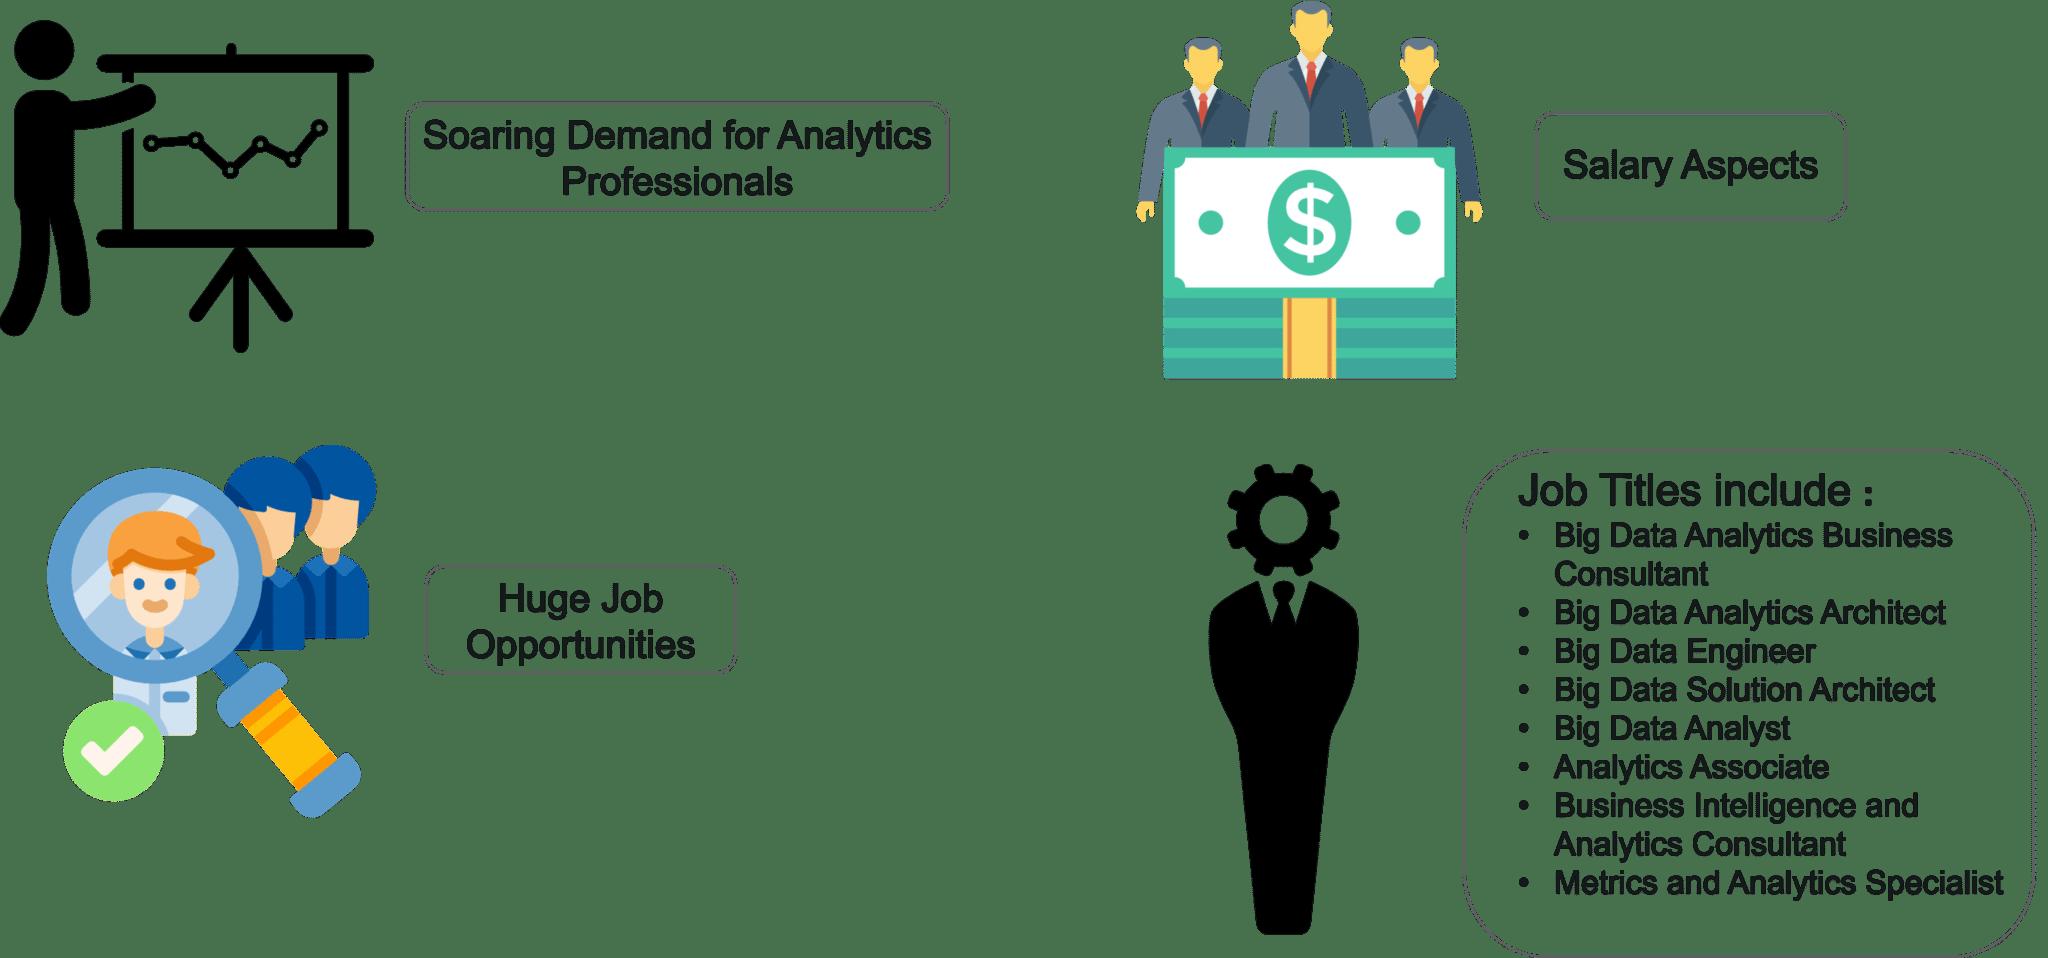 Career Prospects in Big Data Analytics - Big Data Analytics - Edureka